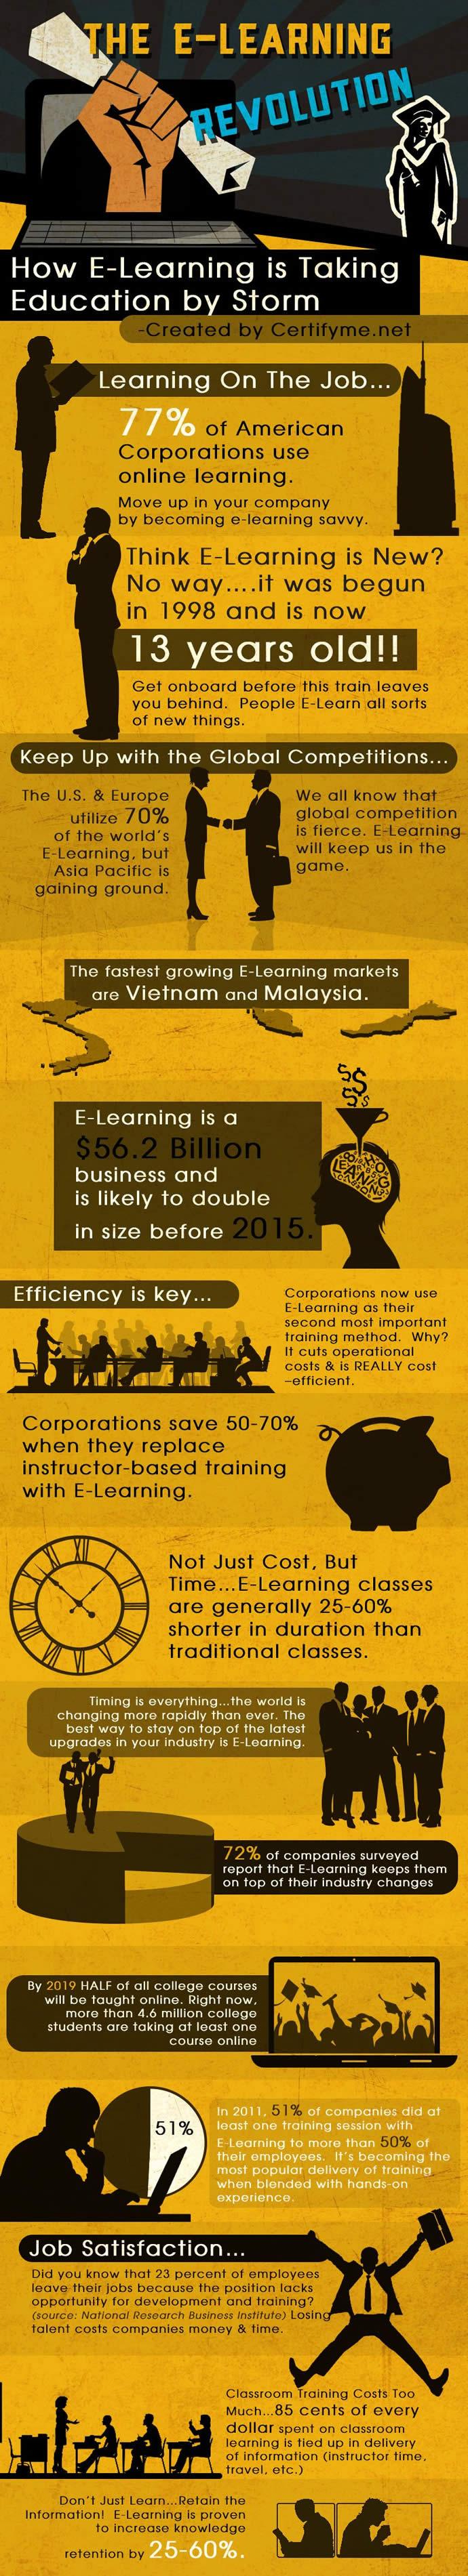 La revolución del e-learning